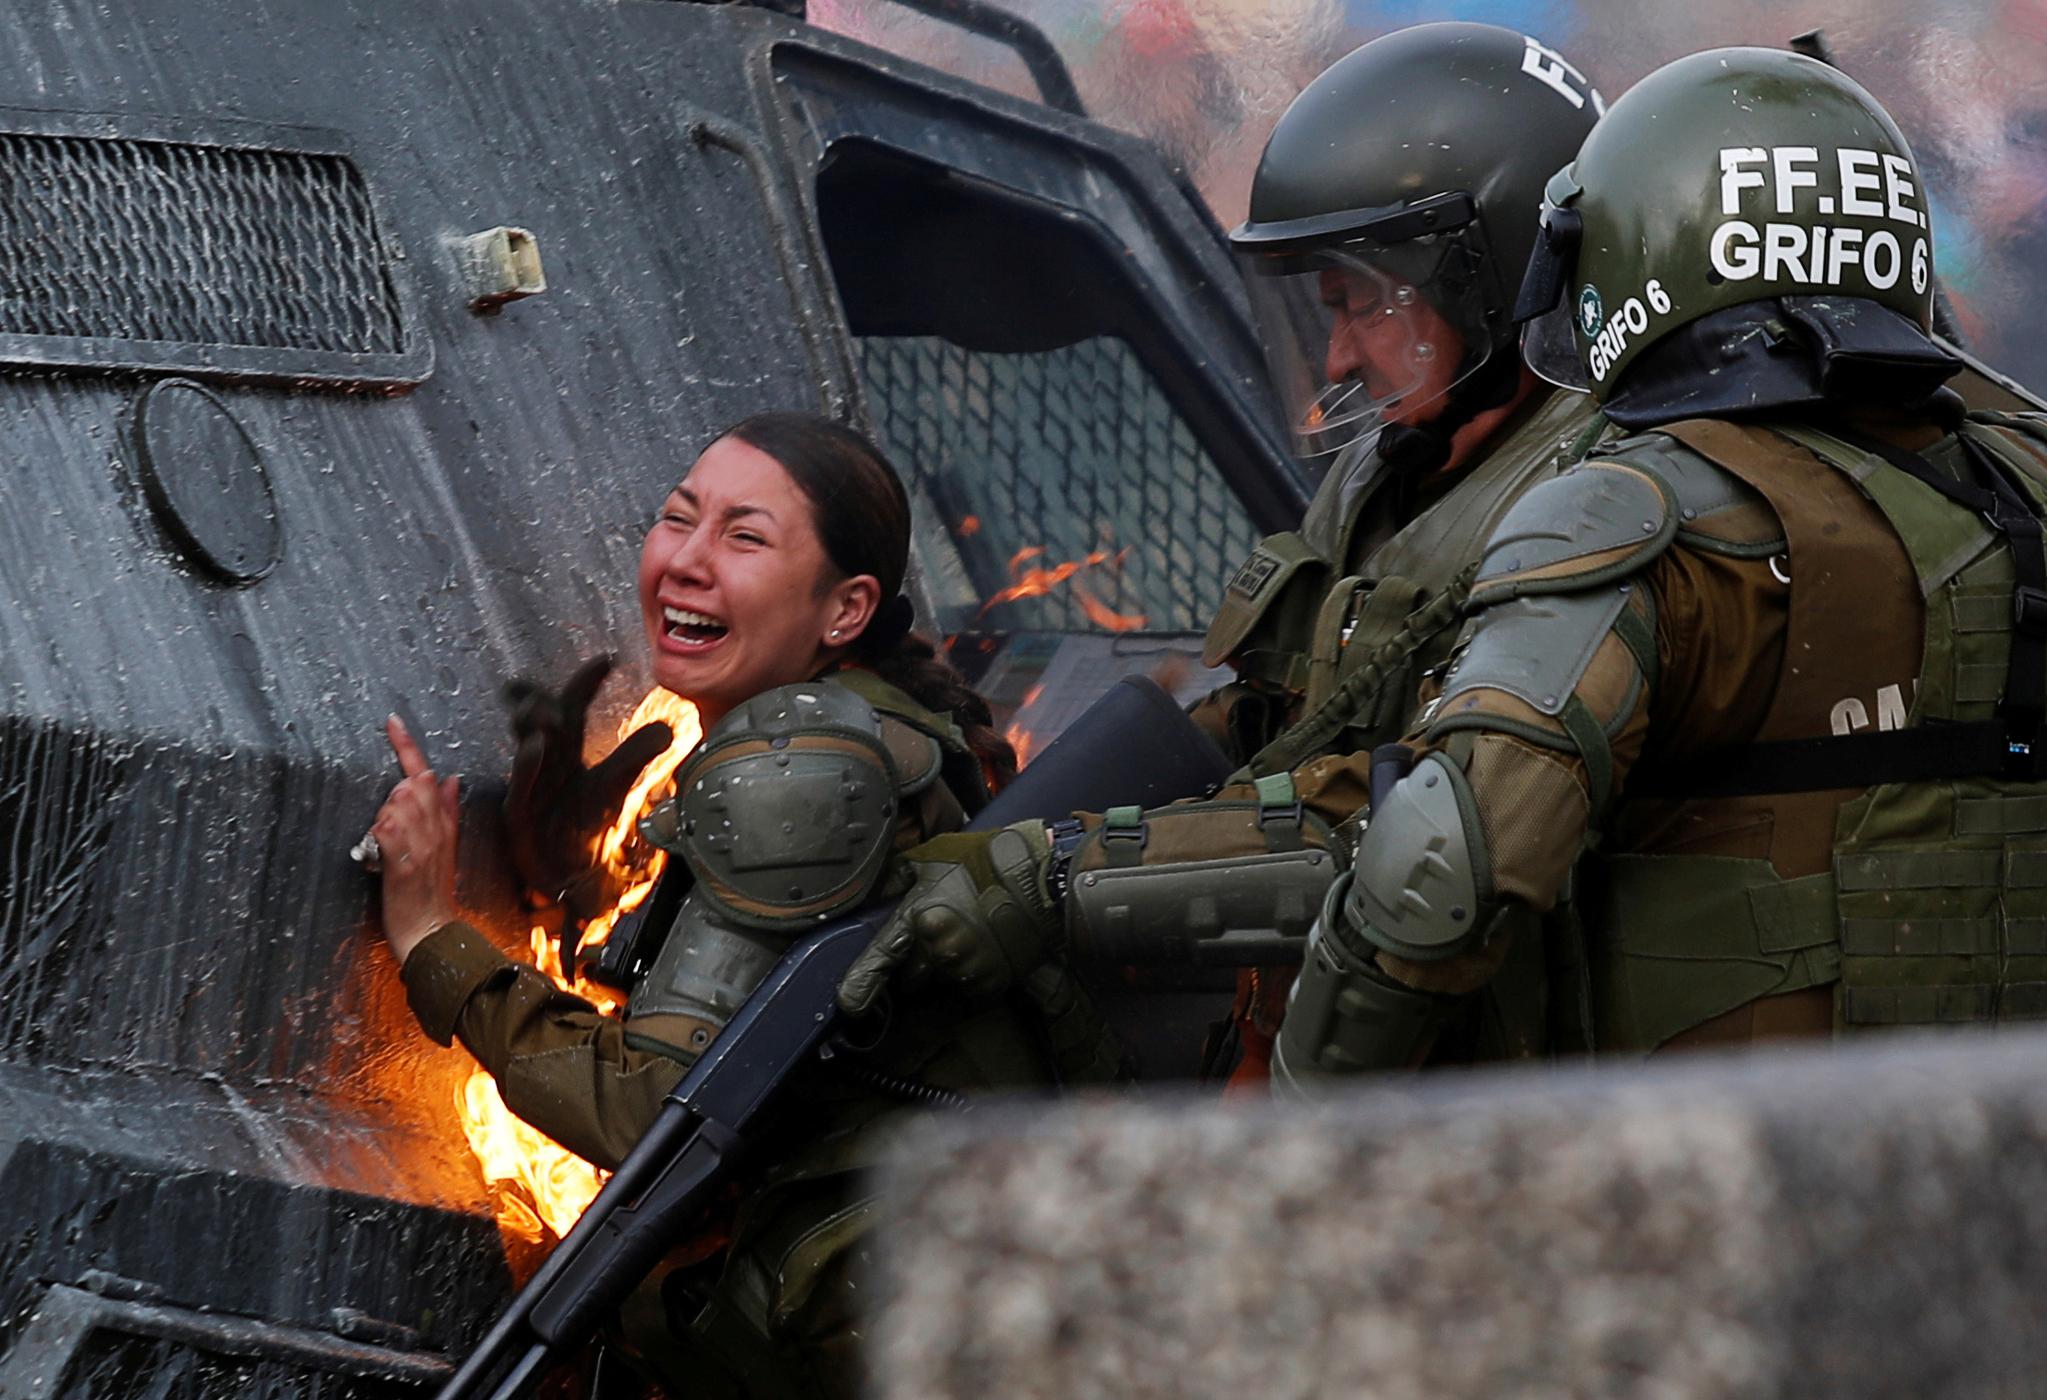 4일(현지시간) 칠레 산티아고에서 시위대가 던진 화염병에 불이 붙은 경찰이 고통을 호소하고 있다.[로이터=연합뉴스]